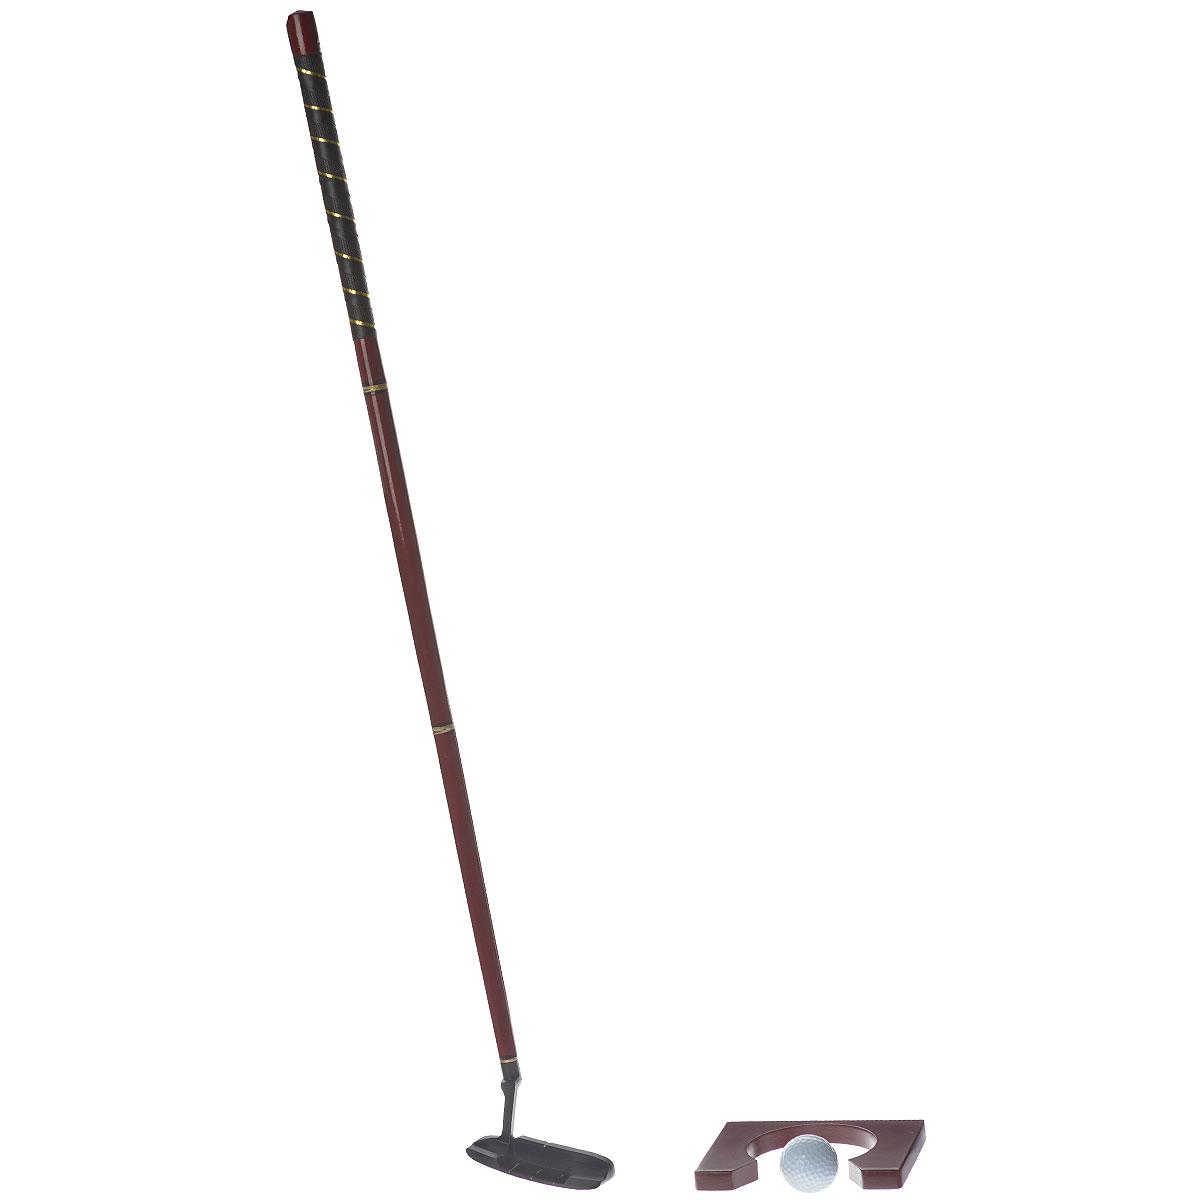 Набор для игры в гольф состоит из деревянной лакированной лунки, двух пластиковых мячей и элементов для сборки клюшки. Задача гольфиста как можно точнее прицелиться, рассчитать расстояние до цели и ударить по мячу. Игровые элементы упакованы в чехол, выполненный из искусственной кожи. Чехол оснащен ручкой для удобной переноски. Такой игровой набор станет прекрасным подарком для любителя игры в гольф. Игра позволит приятно провести время в хорошей компании.